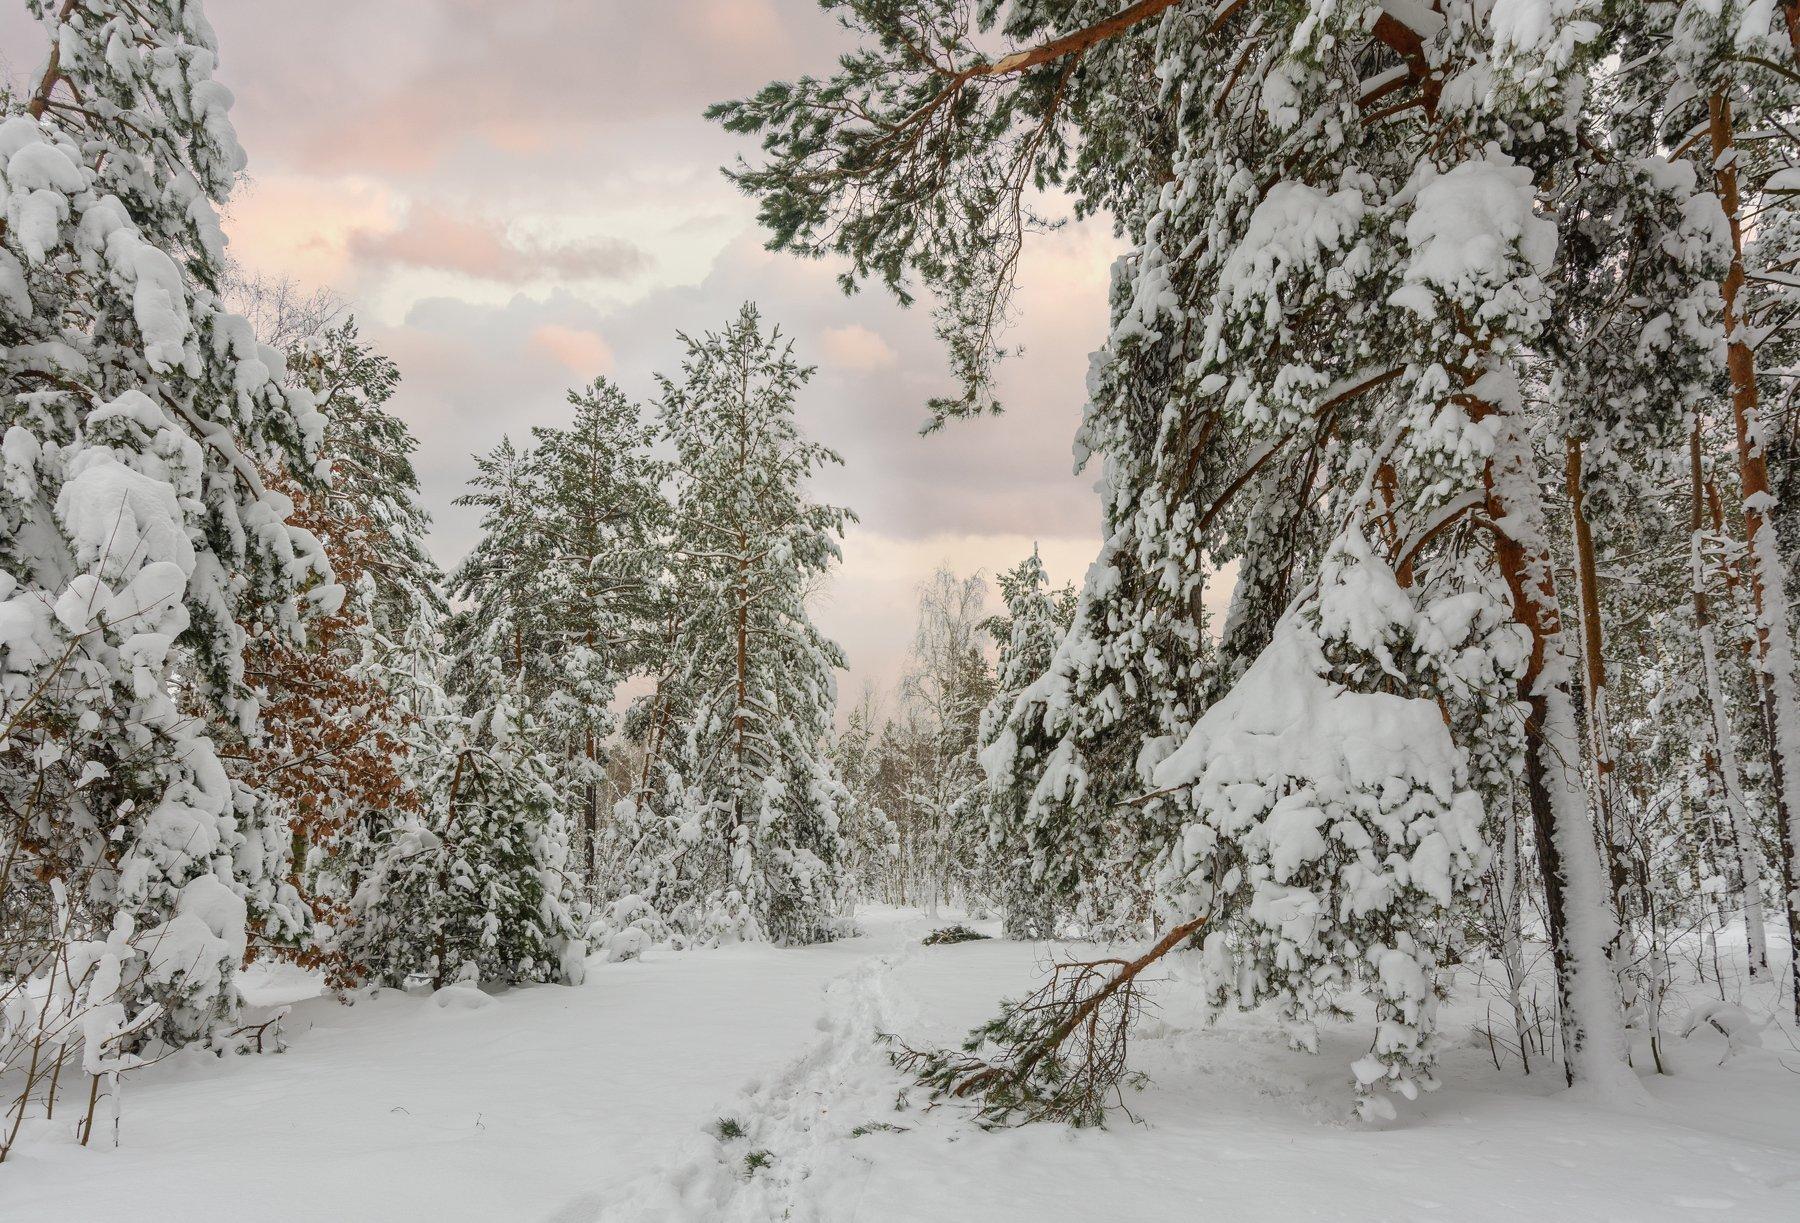 landscape, пейзаж,  лес, сосны, деревья,  природа,  прогулка,  тропинка, зима, снег, вечер, закат,, Михаил MSH